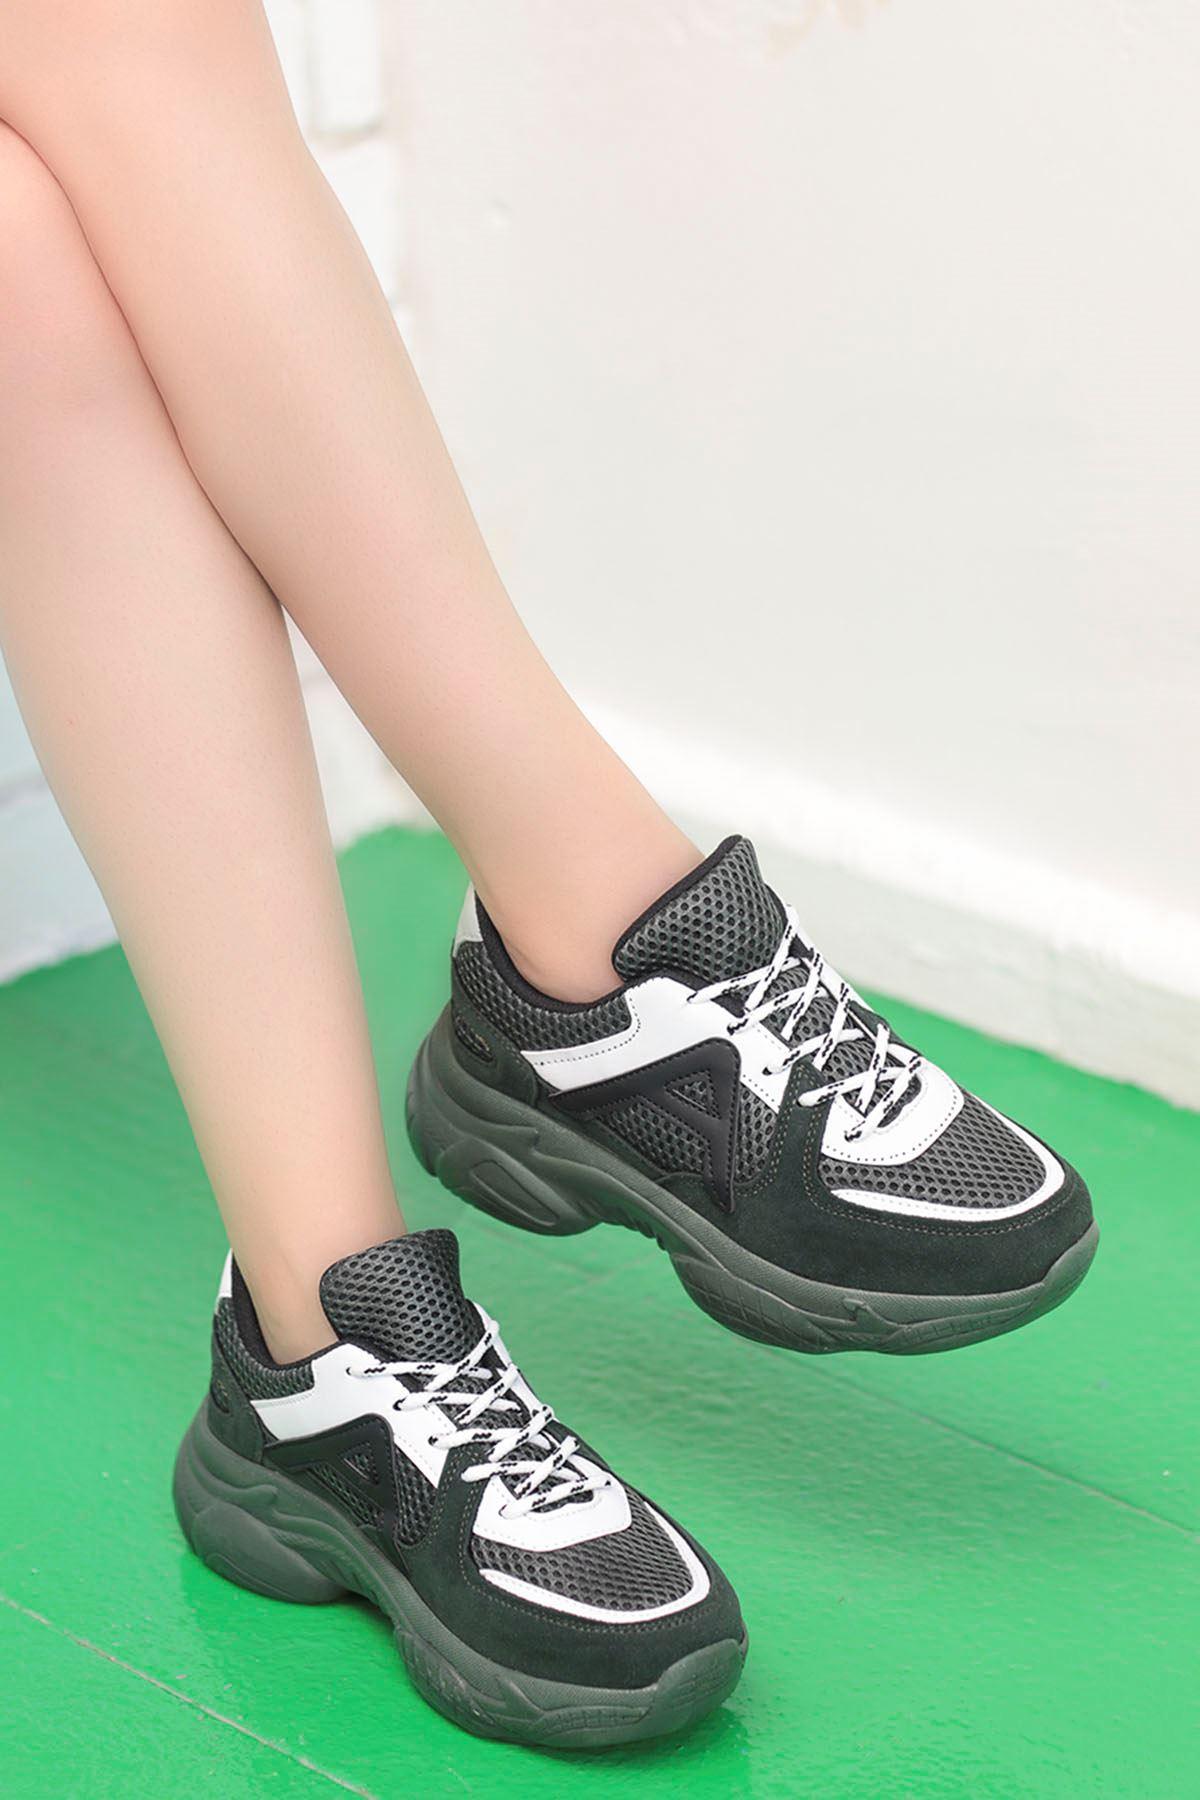 Afra A Detay Spor Ayakkabı Hake Yeşil Beyaz Detay